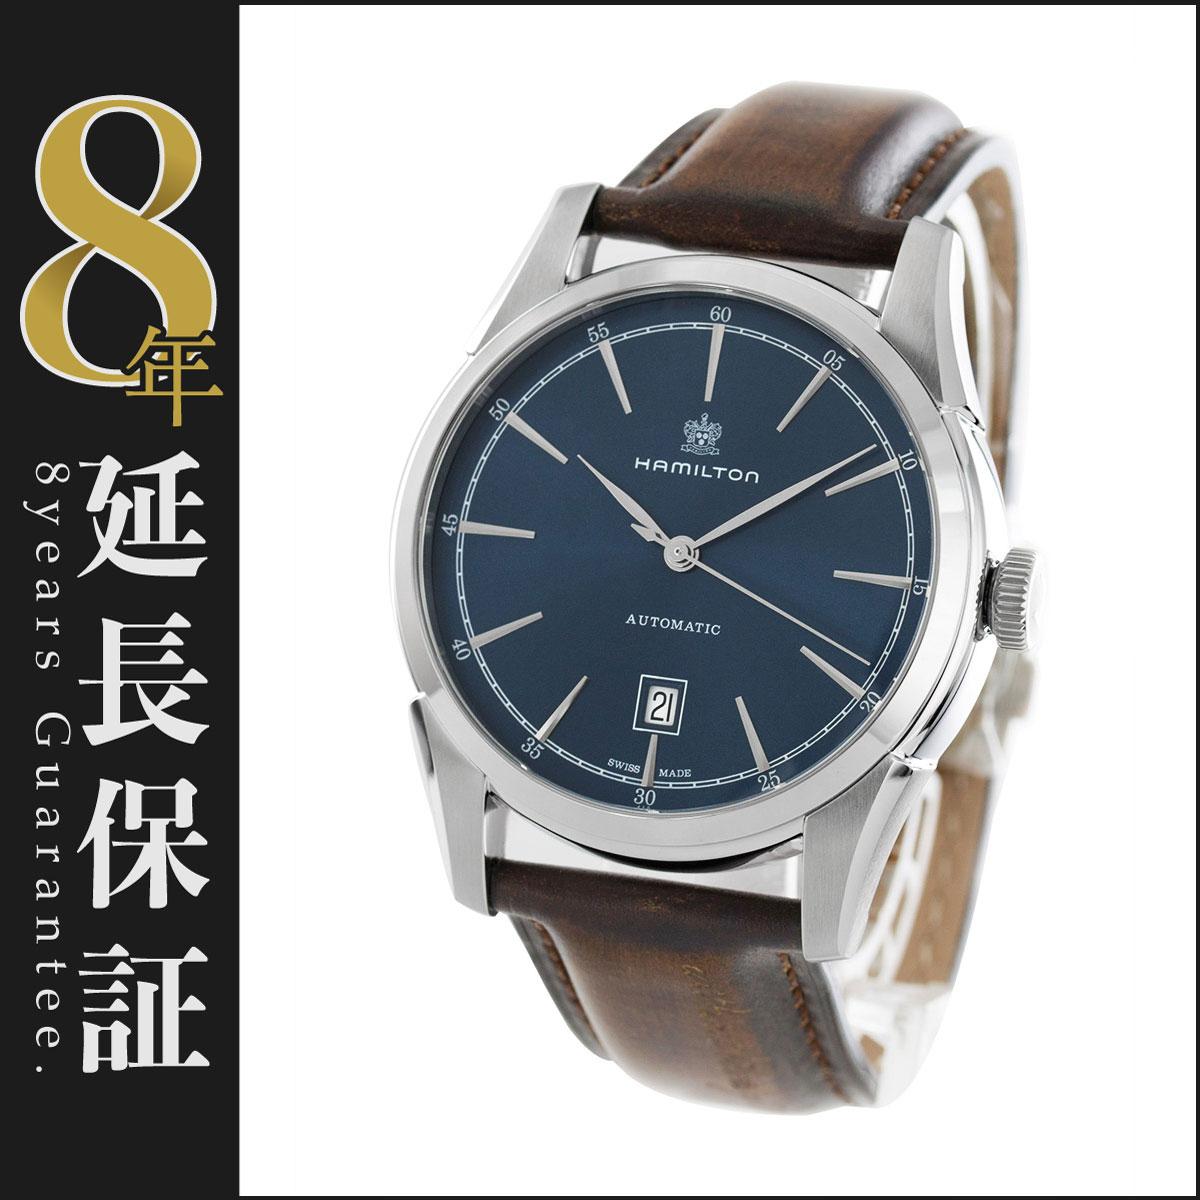 82934547ab9c ハミルトン HAMILTON 腕時計 スピリット オブ リバティ メンズ H42415541_8 今割引である